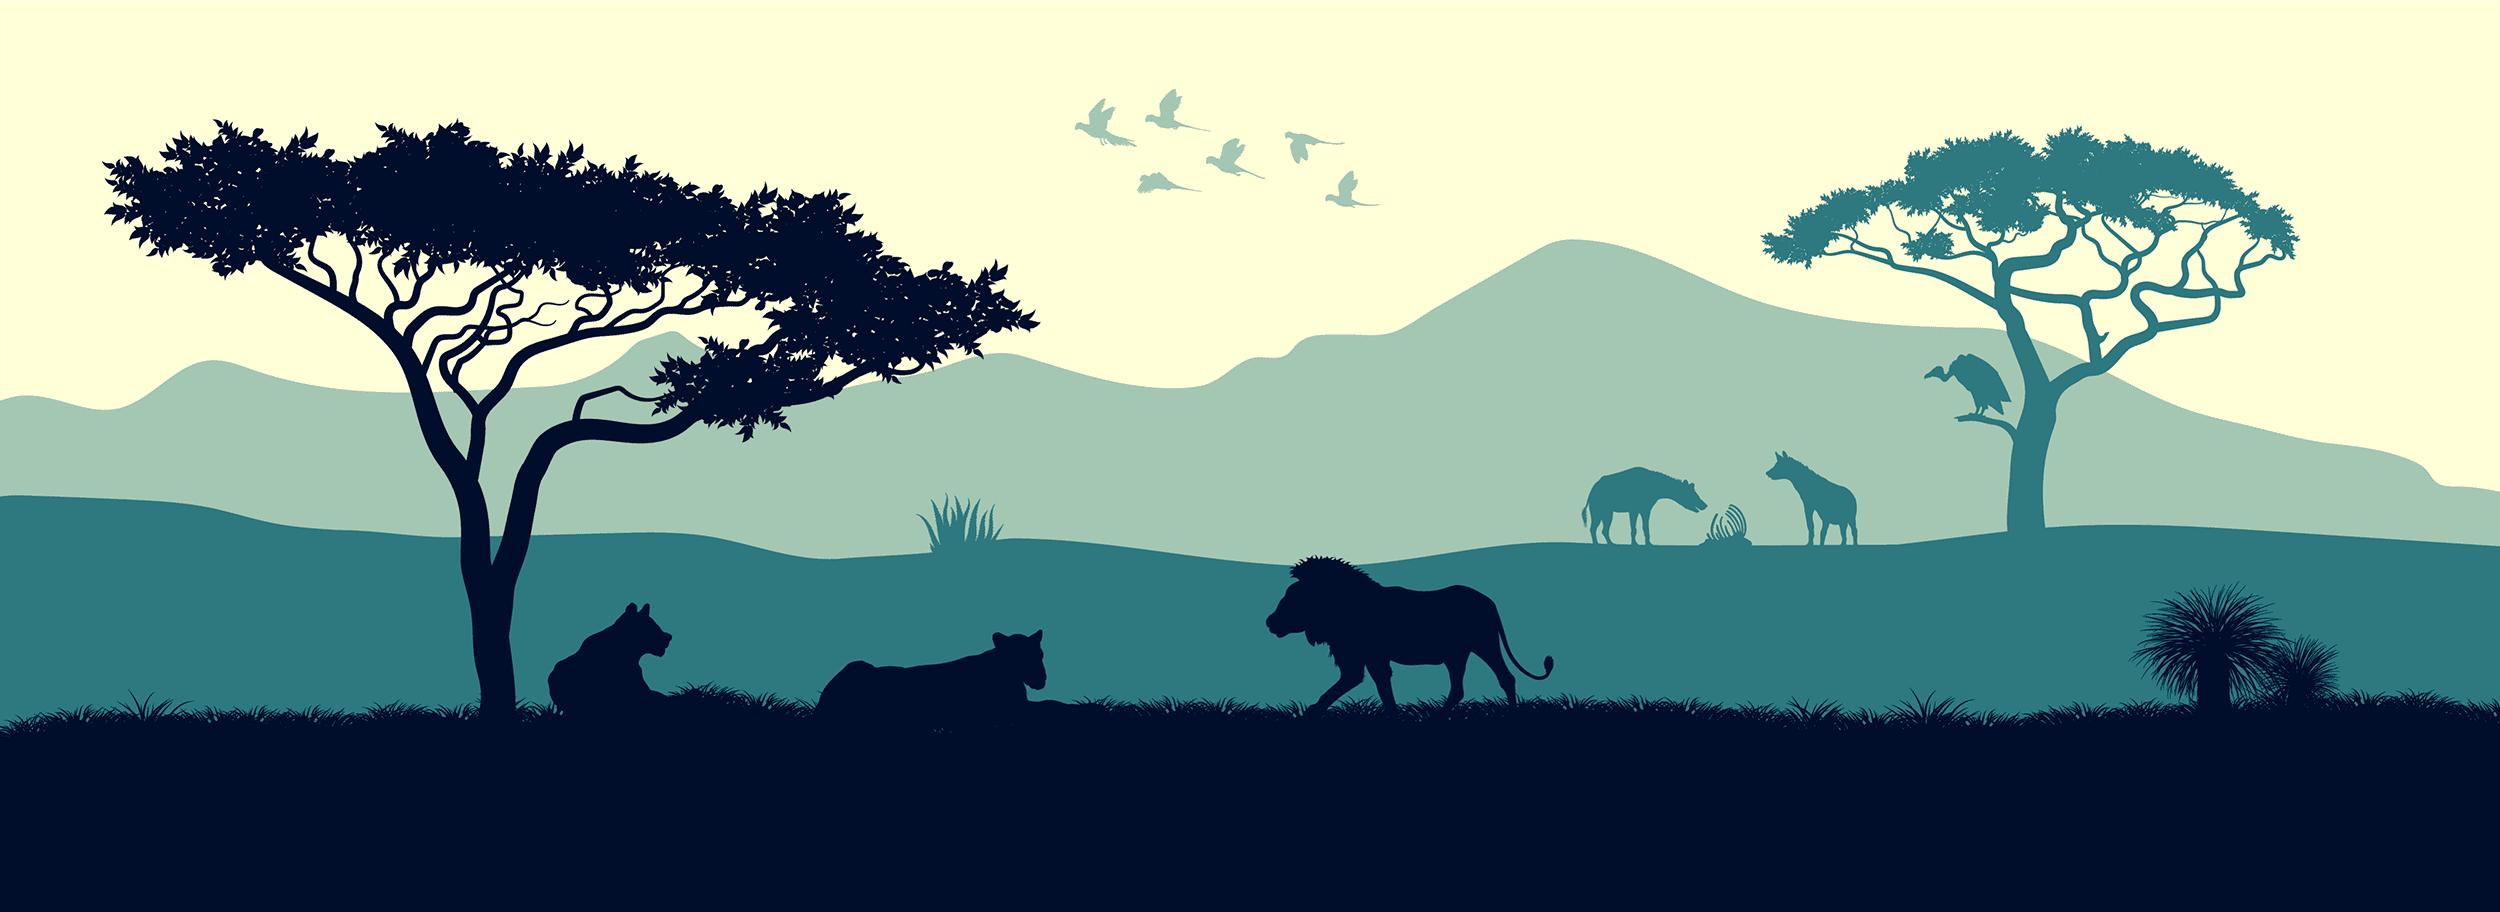 Wildlife graphic image